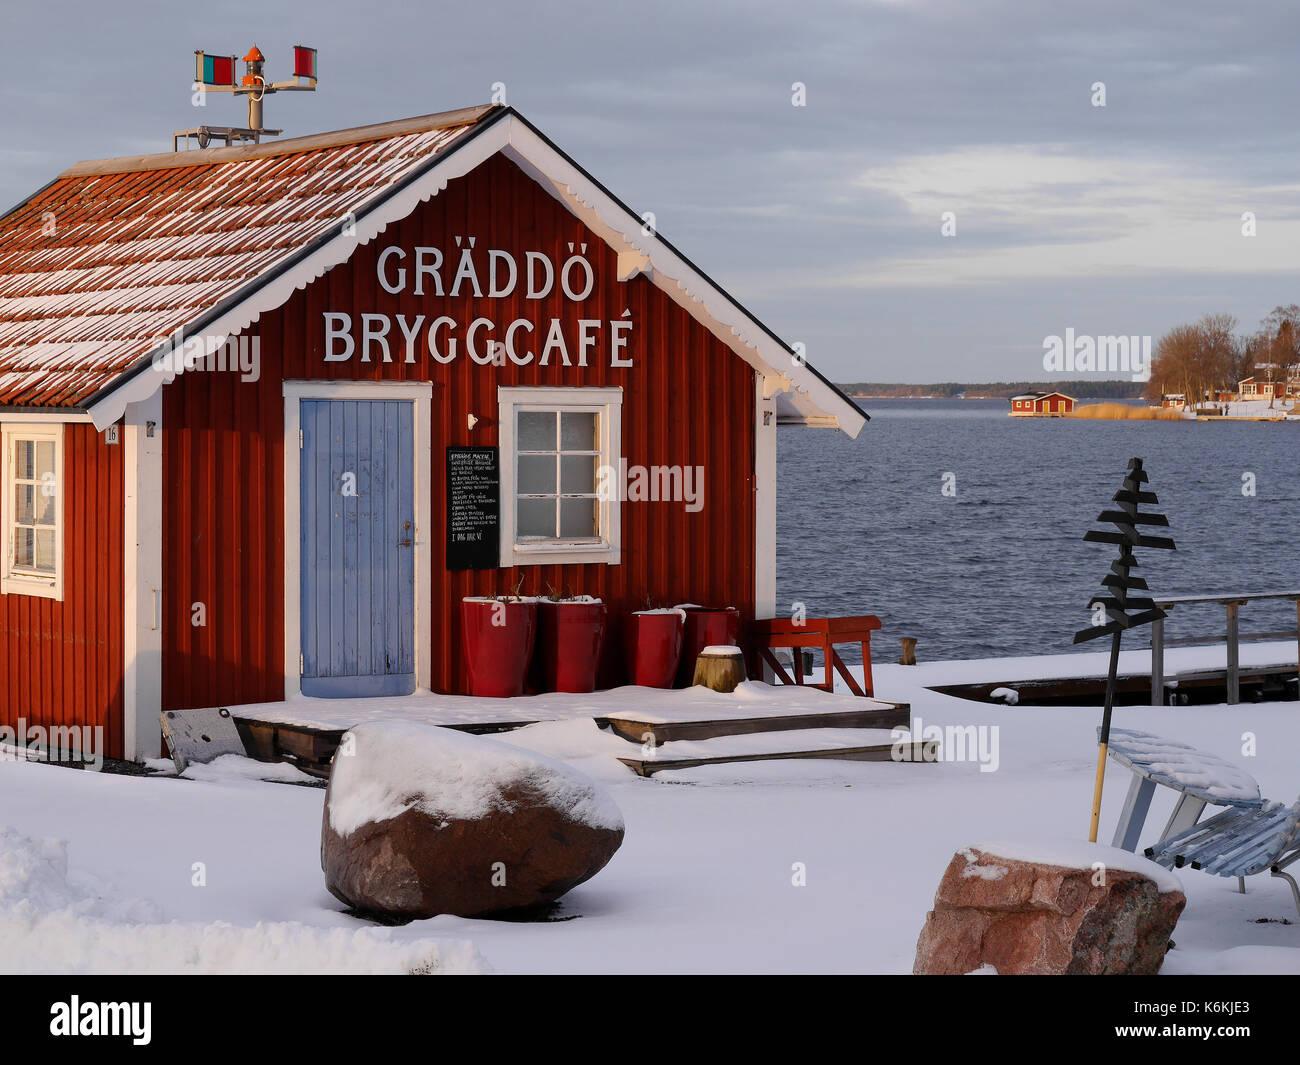 Café au port de Gräddö, Rådmansö dans l'archipel de Stockholm, Suède. Banque D'Images